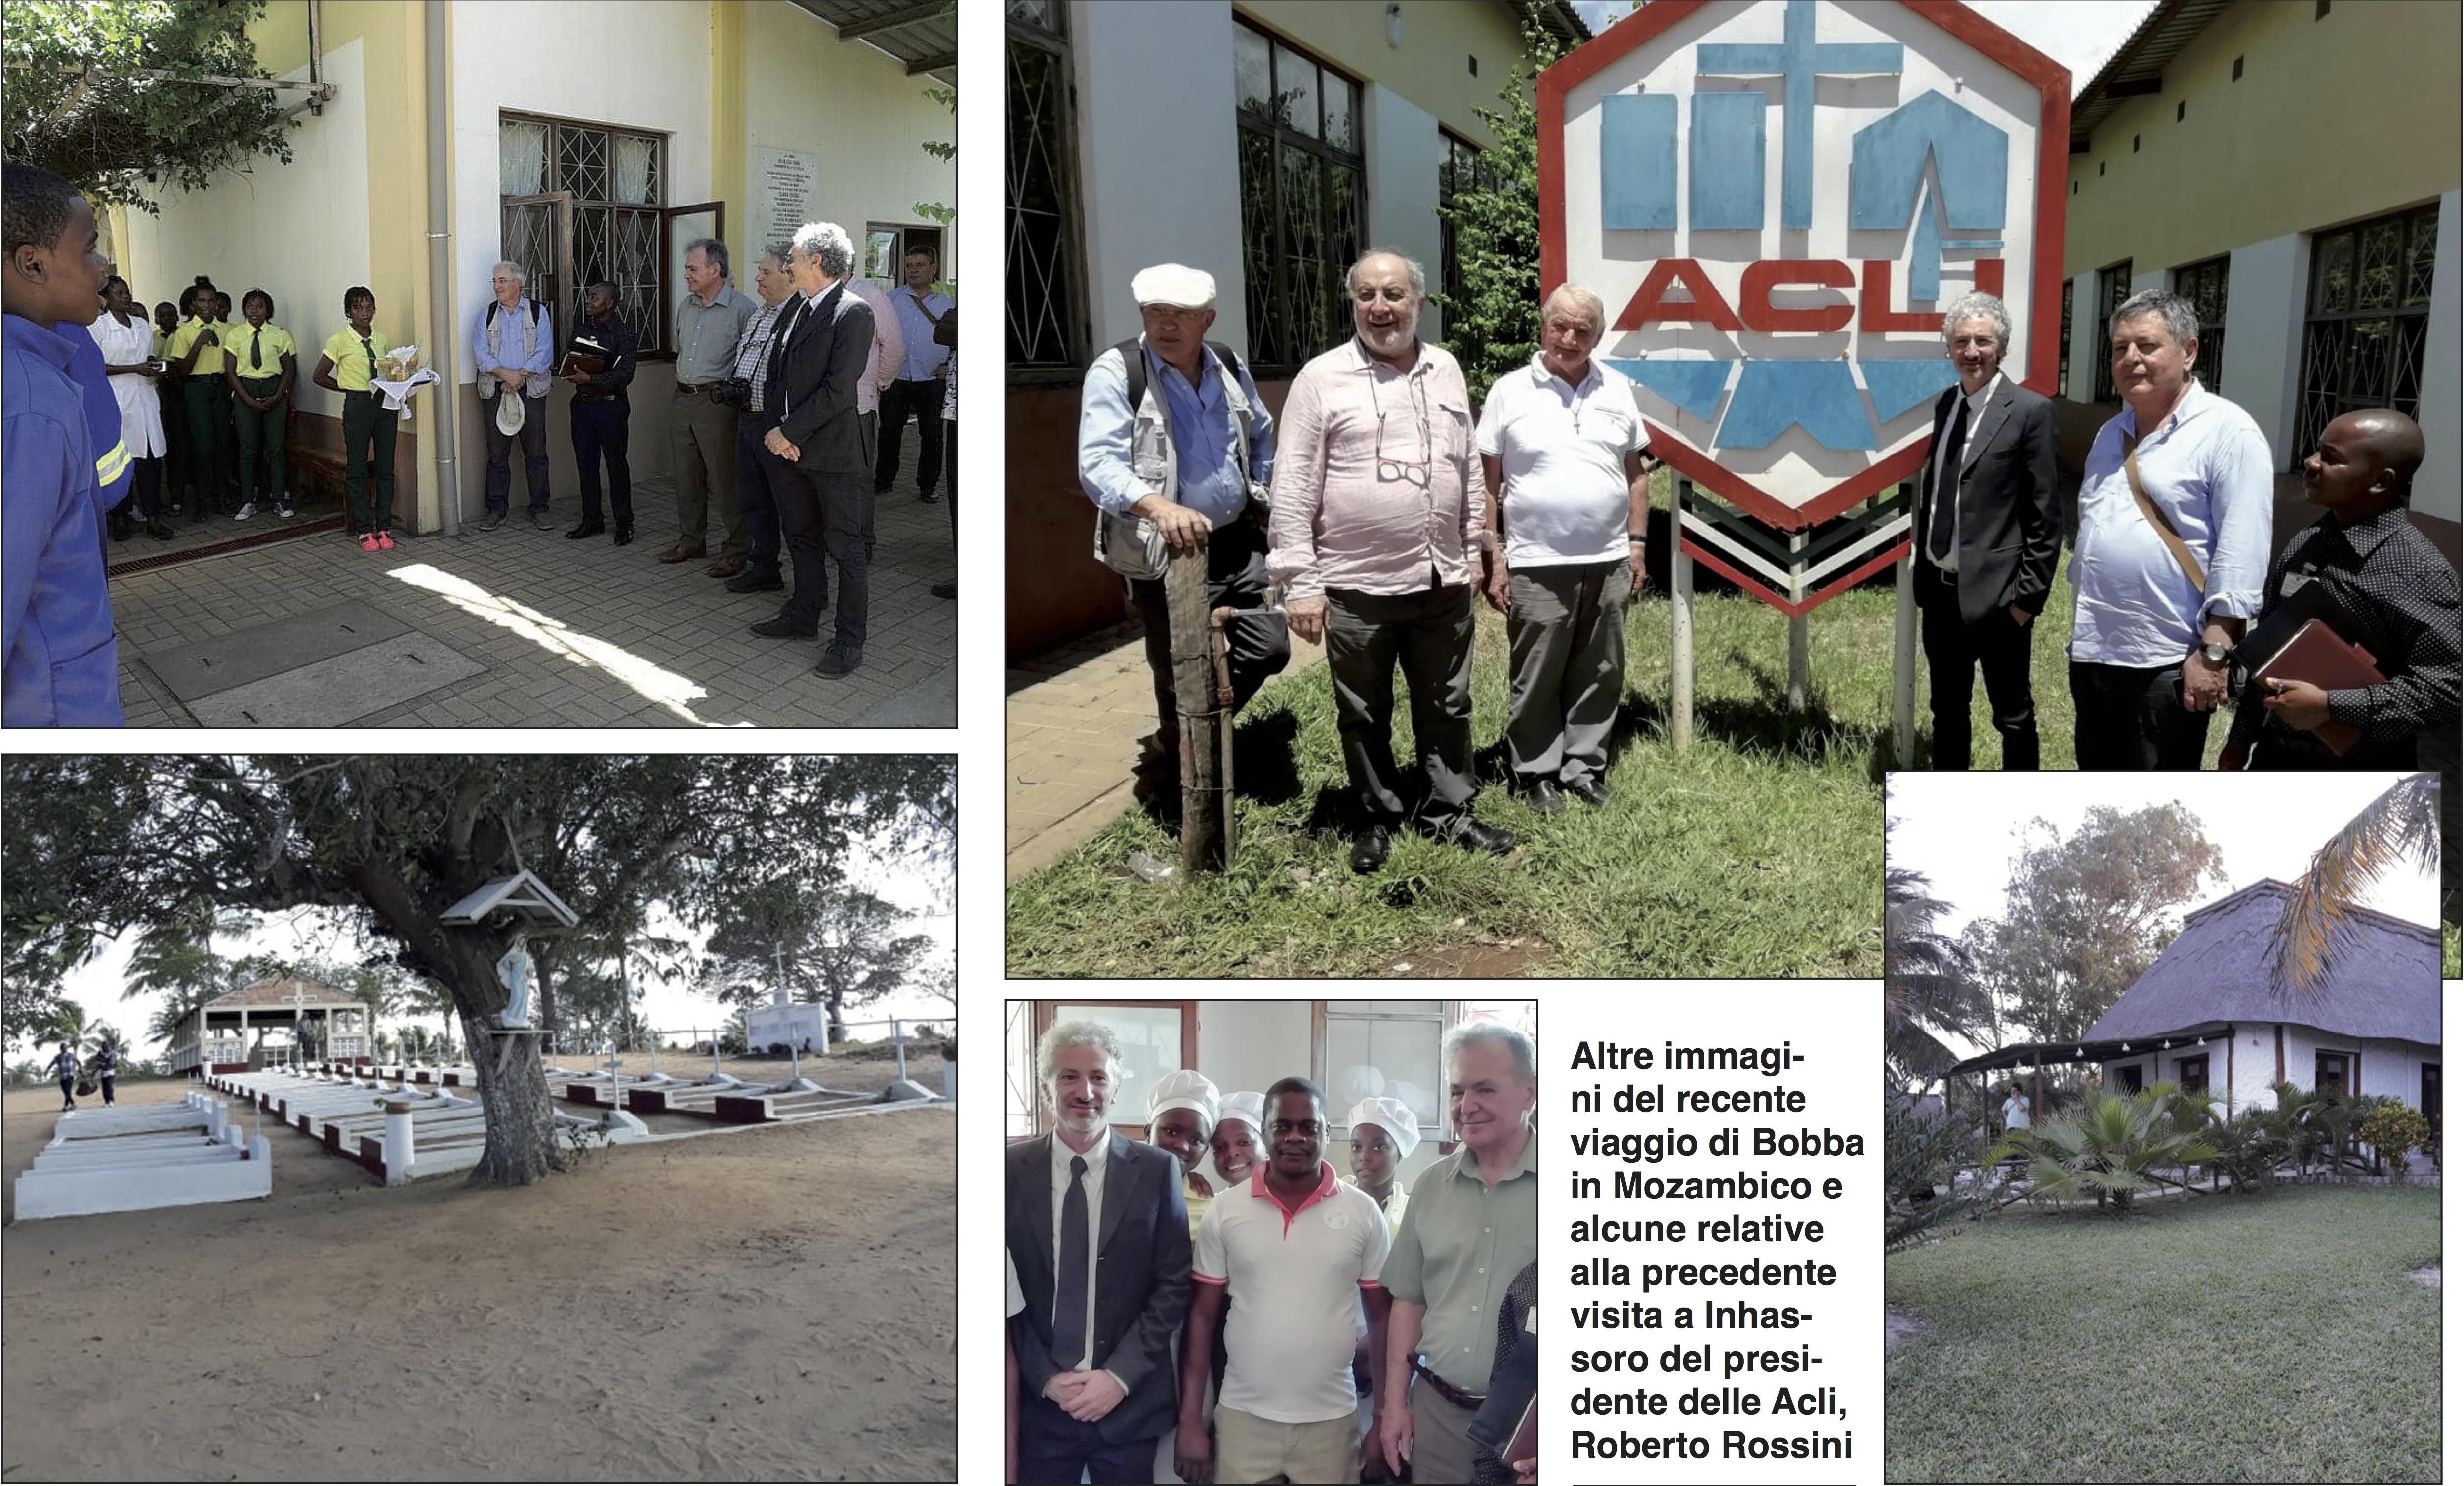 INHASSORO / La Estrela do mar: 850 alunni e una nuova scuola secondaria di base